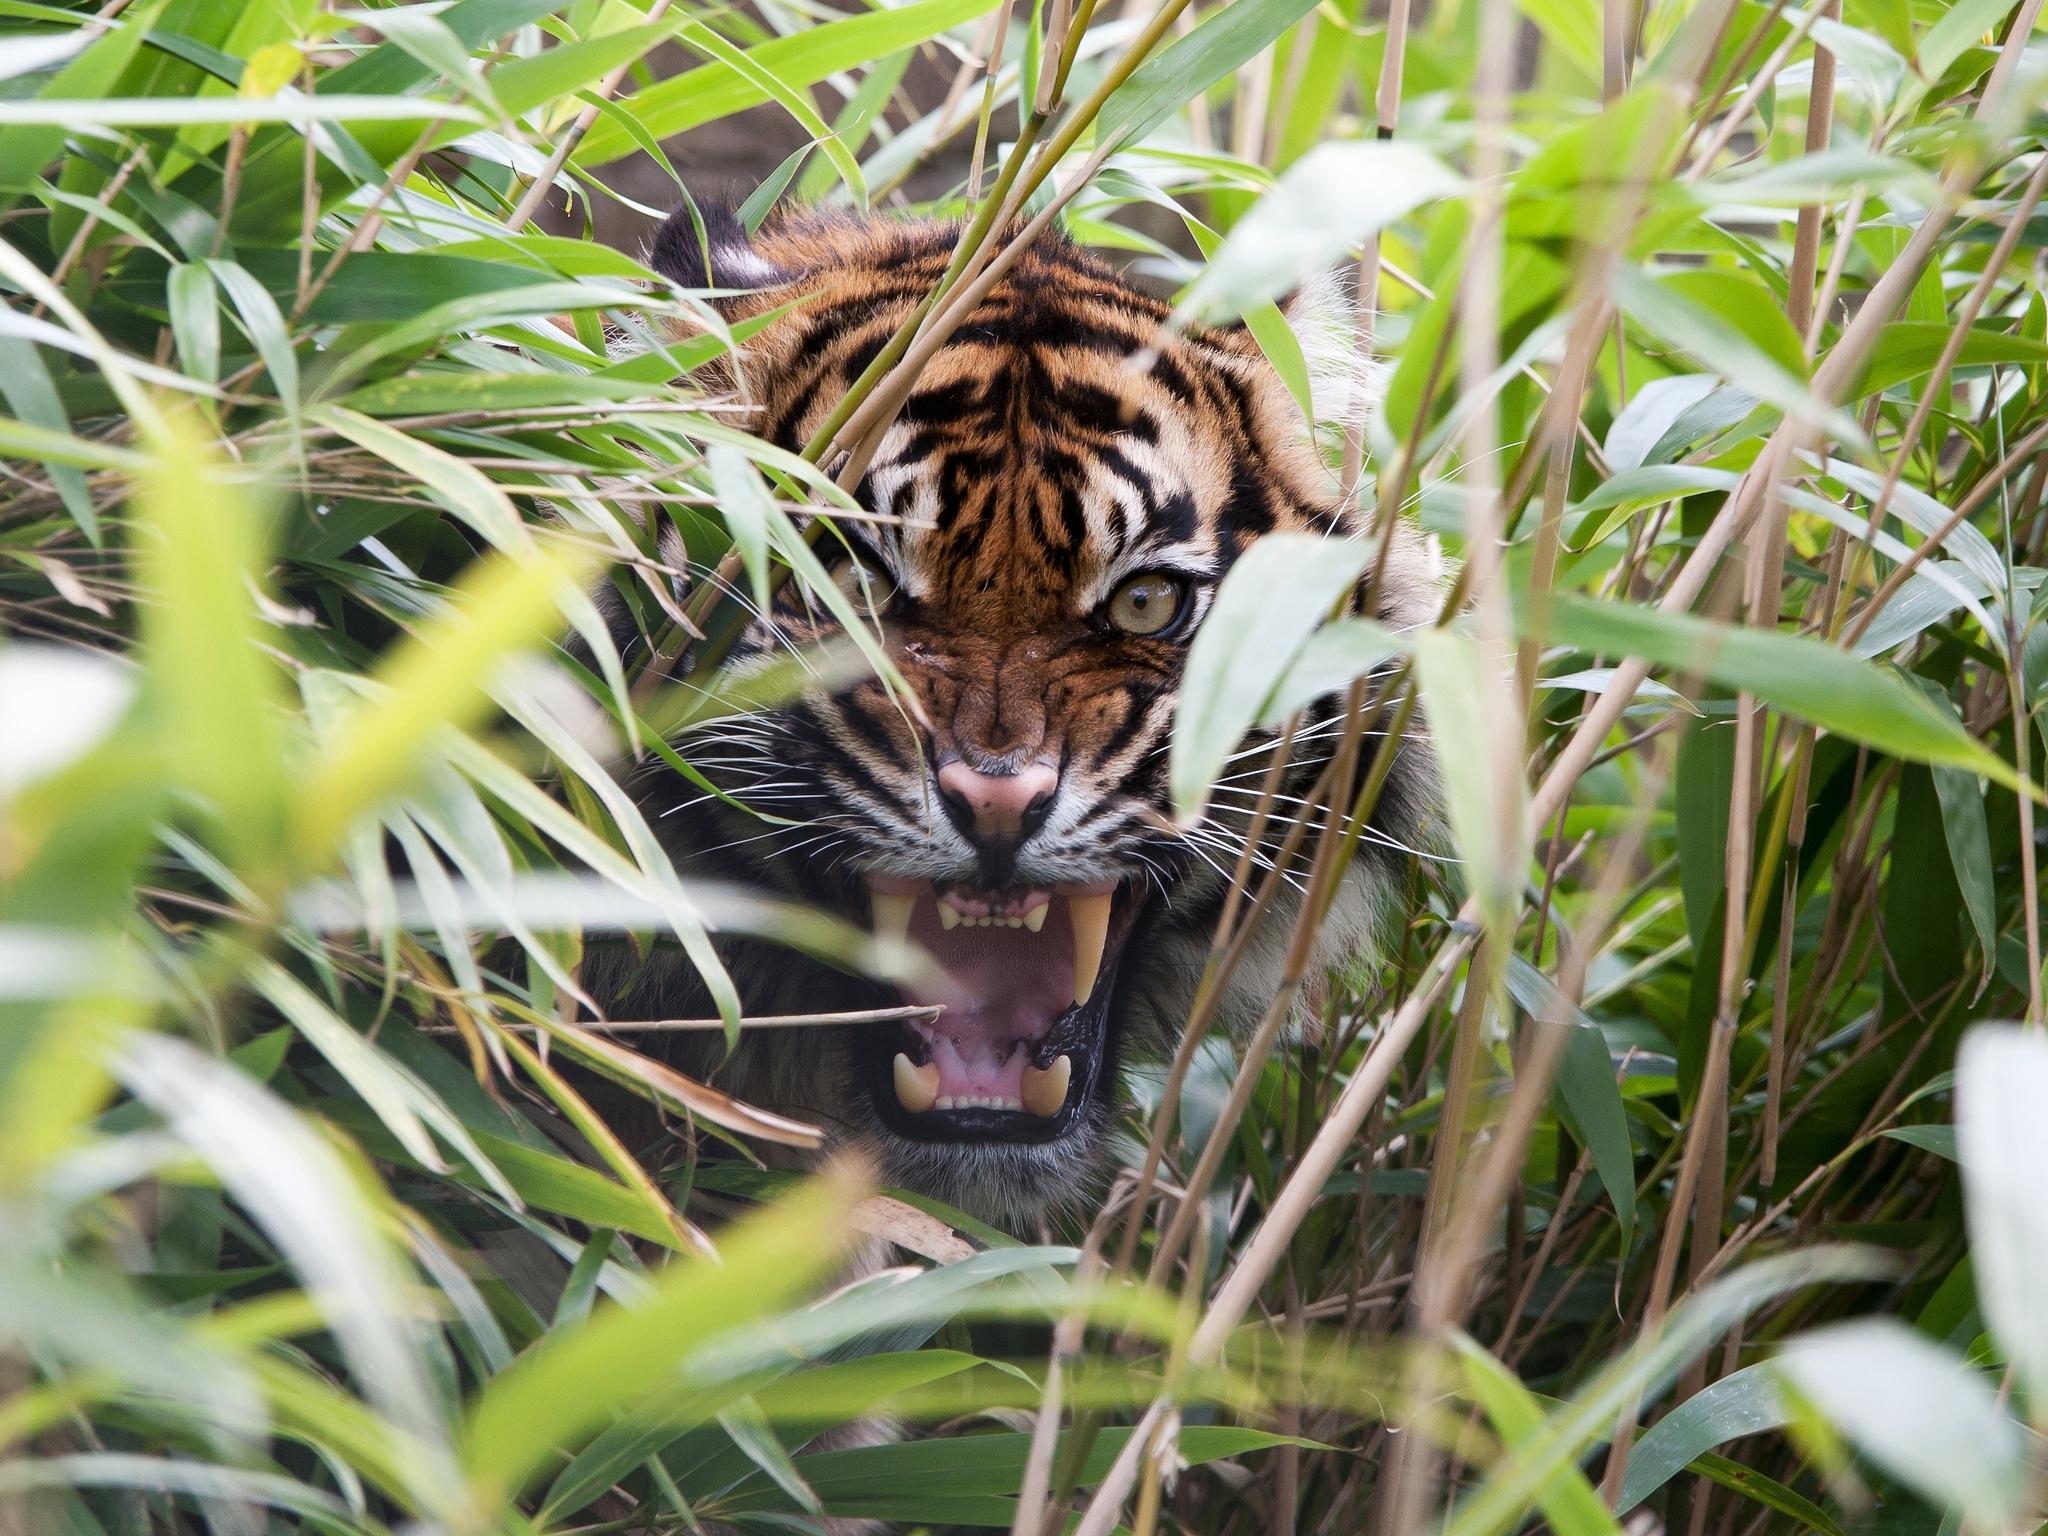 139245 Hintergrundbild herunterladen Tiere, Grass, Grinsen, Grin, Fallen, Raubtier, Predator, Tiger, Fangzähne, Zähne, Mund, Wut - Bildschirmschoner und Bilder kostenlos